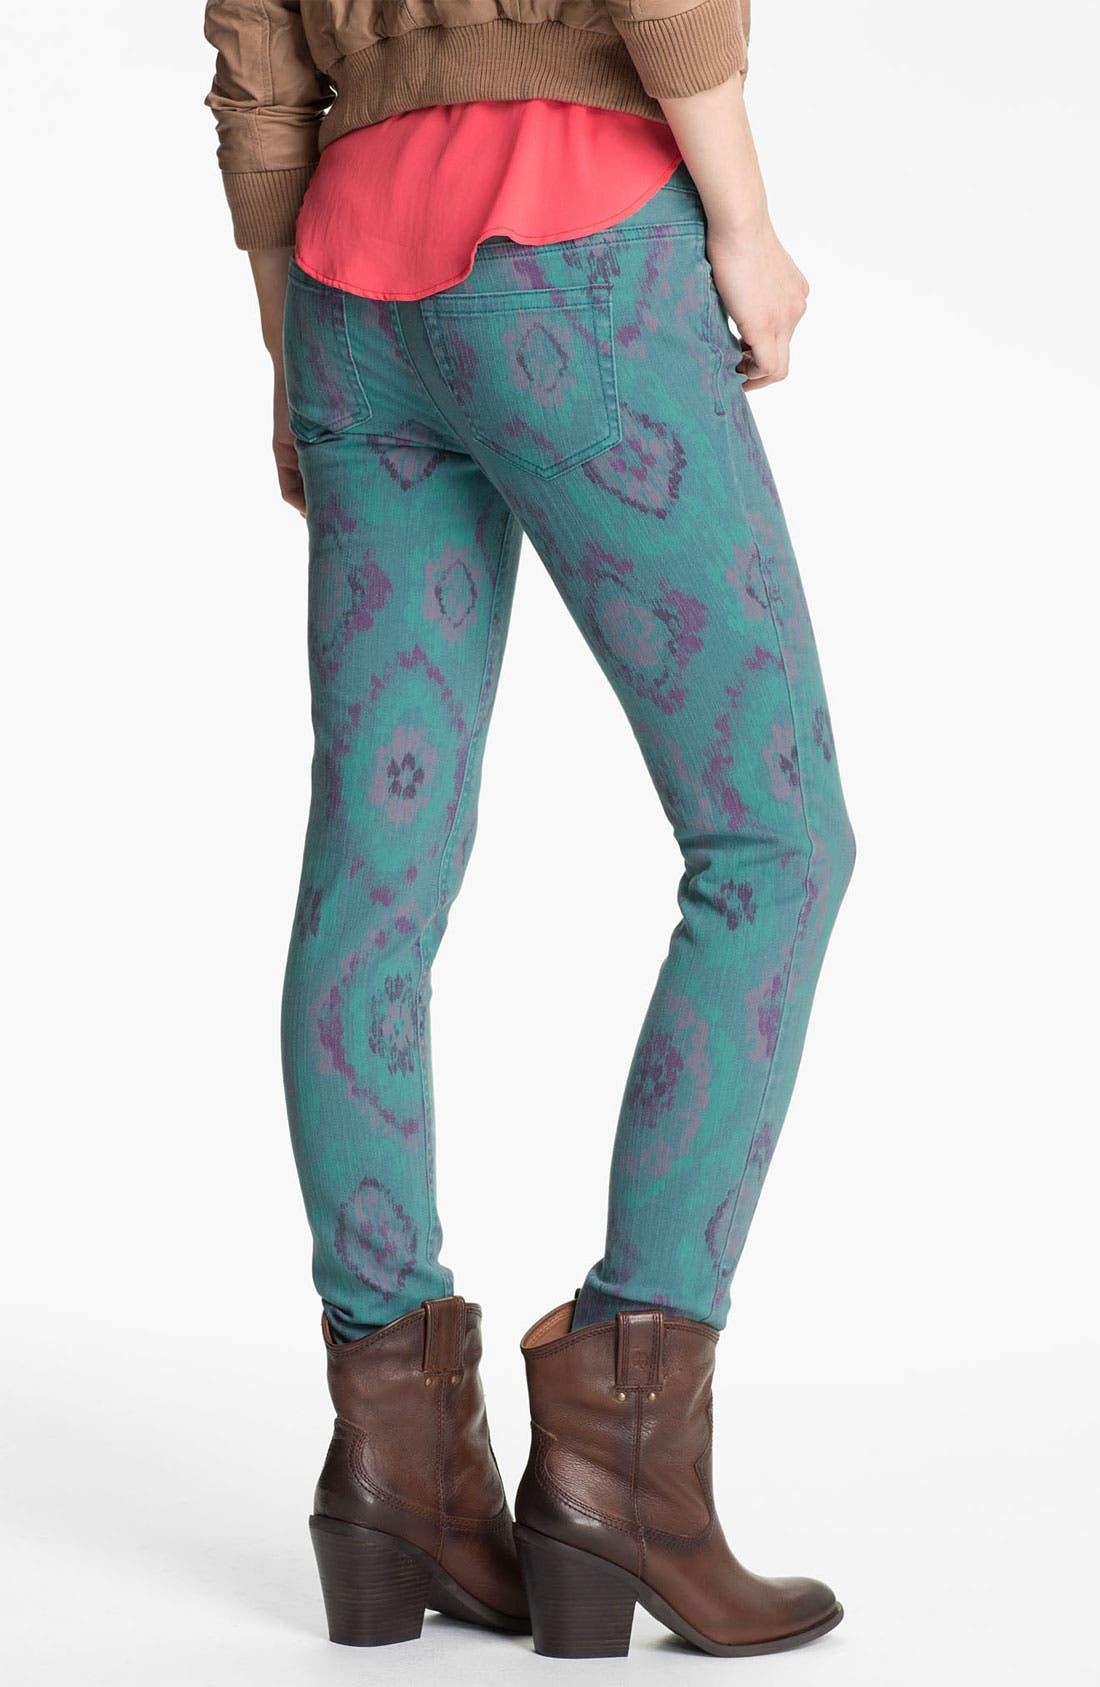 Main Image - Fire Print Skinny Jeans (Teal Ikat) (Juniors)